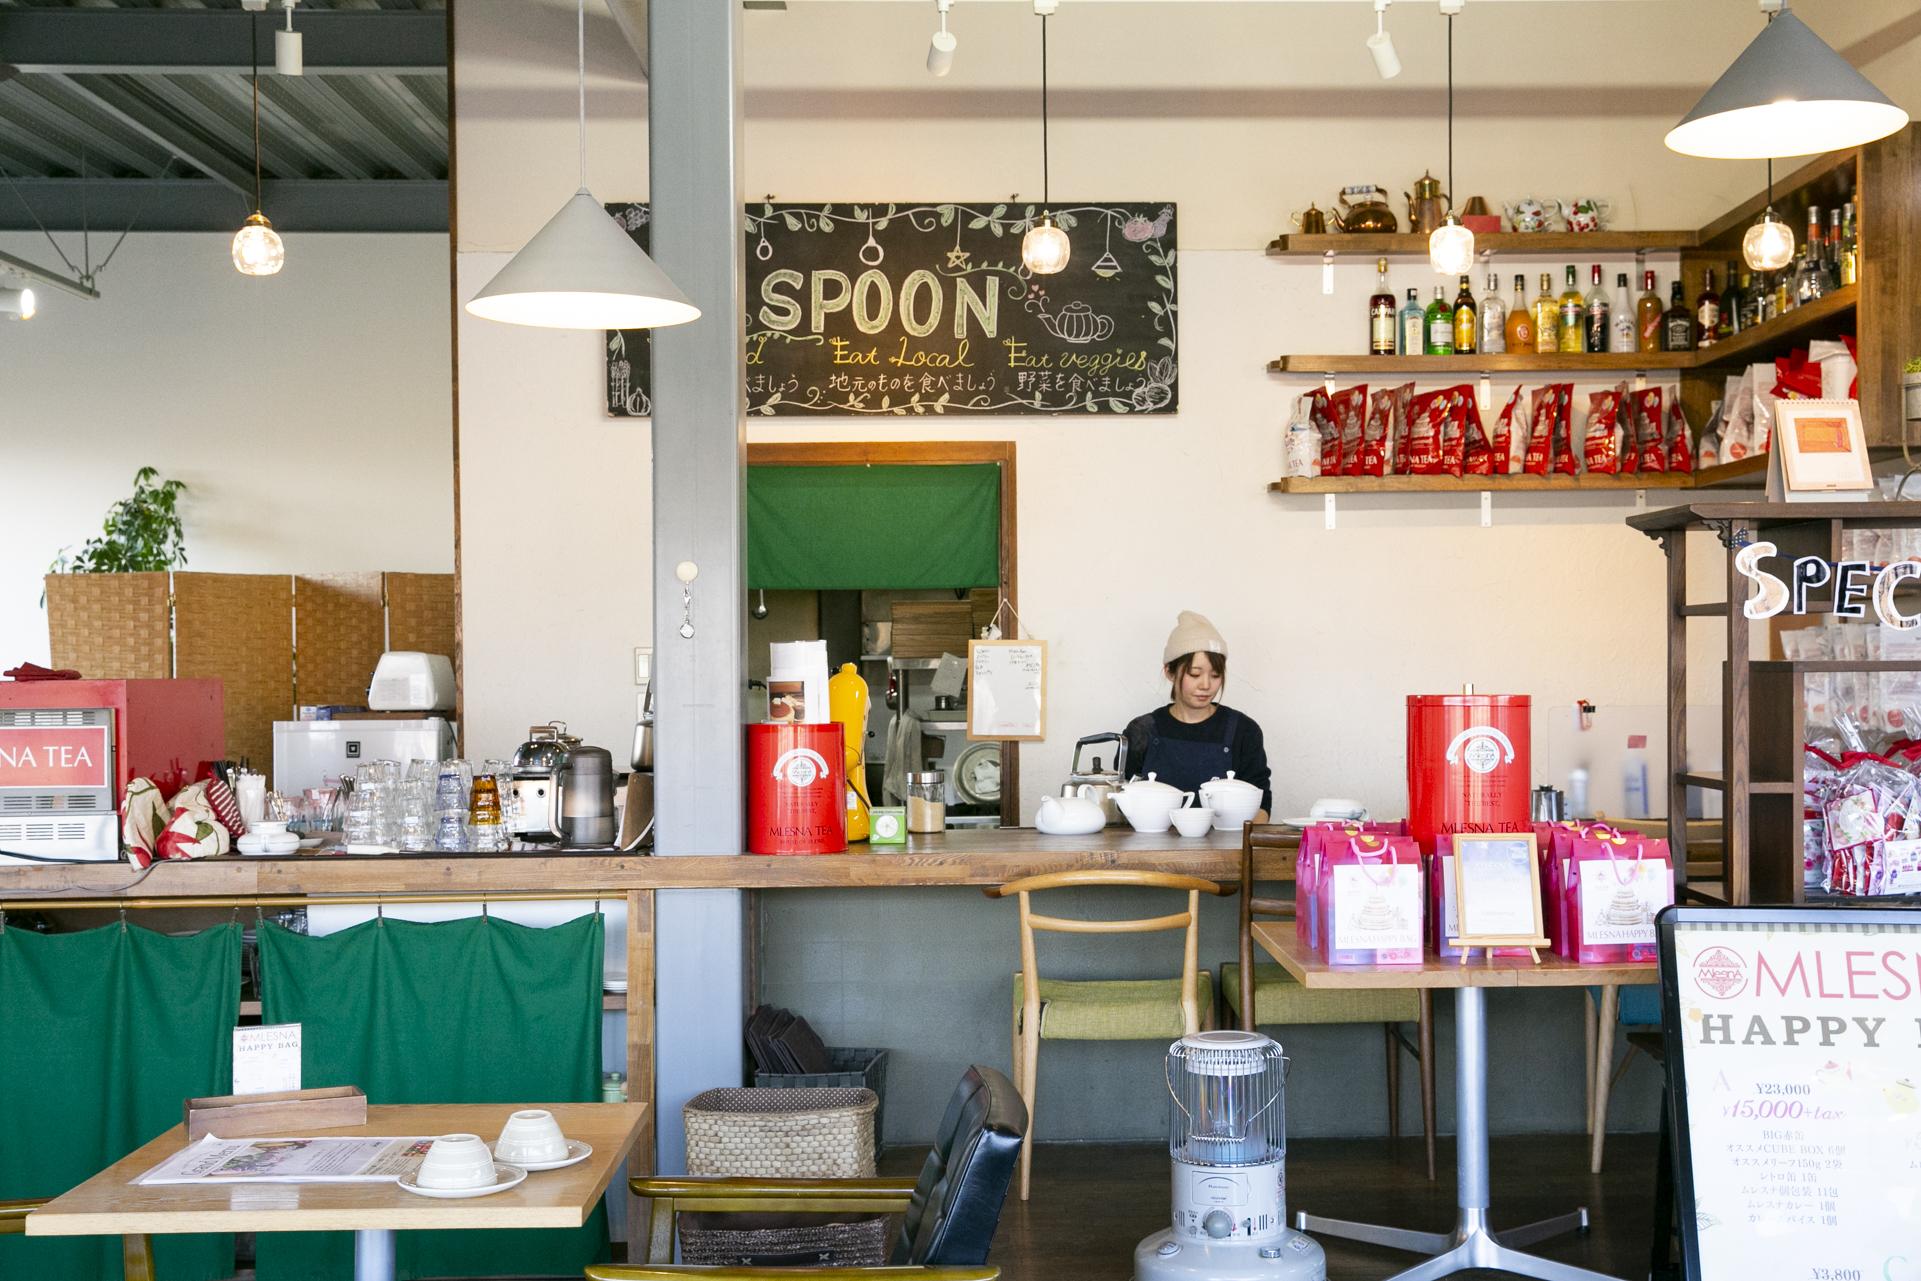 天井が高く開放感のある店内。「ムレスナティー」の茶葉を購入することも可能